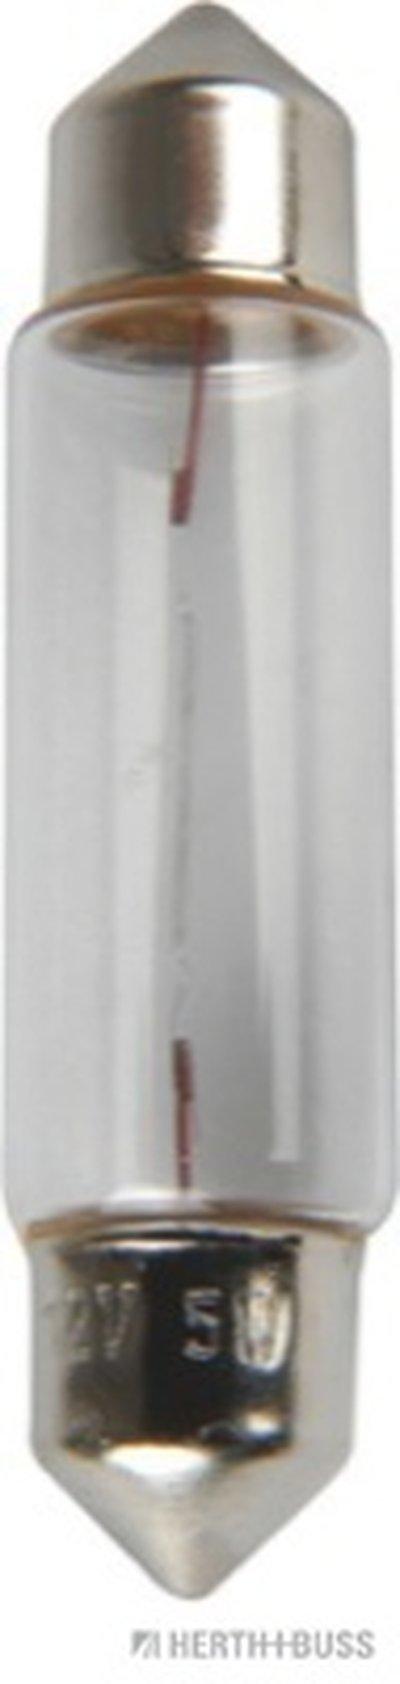 Лампа накаливания, фонарь освещения номерного знака; Лампа накаливания, oсвещение салона; Лампа накаливания; Лампа накаливания, фонарь освещения багажника; Лампа накаливания, фонарь установленный в двери; Лампа, страховочное освещение двери; Лампа, освещение ящика для перчаток; Лампа, лампа чтения HERTH+BUSS ELPARTS купить